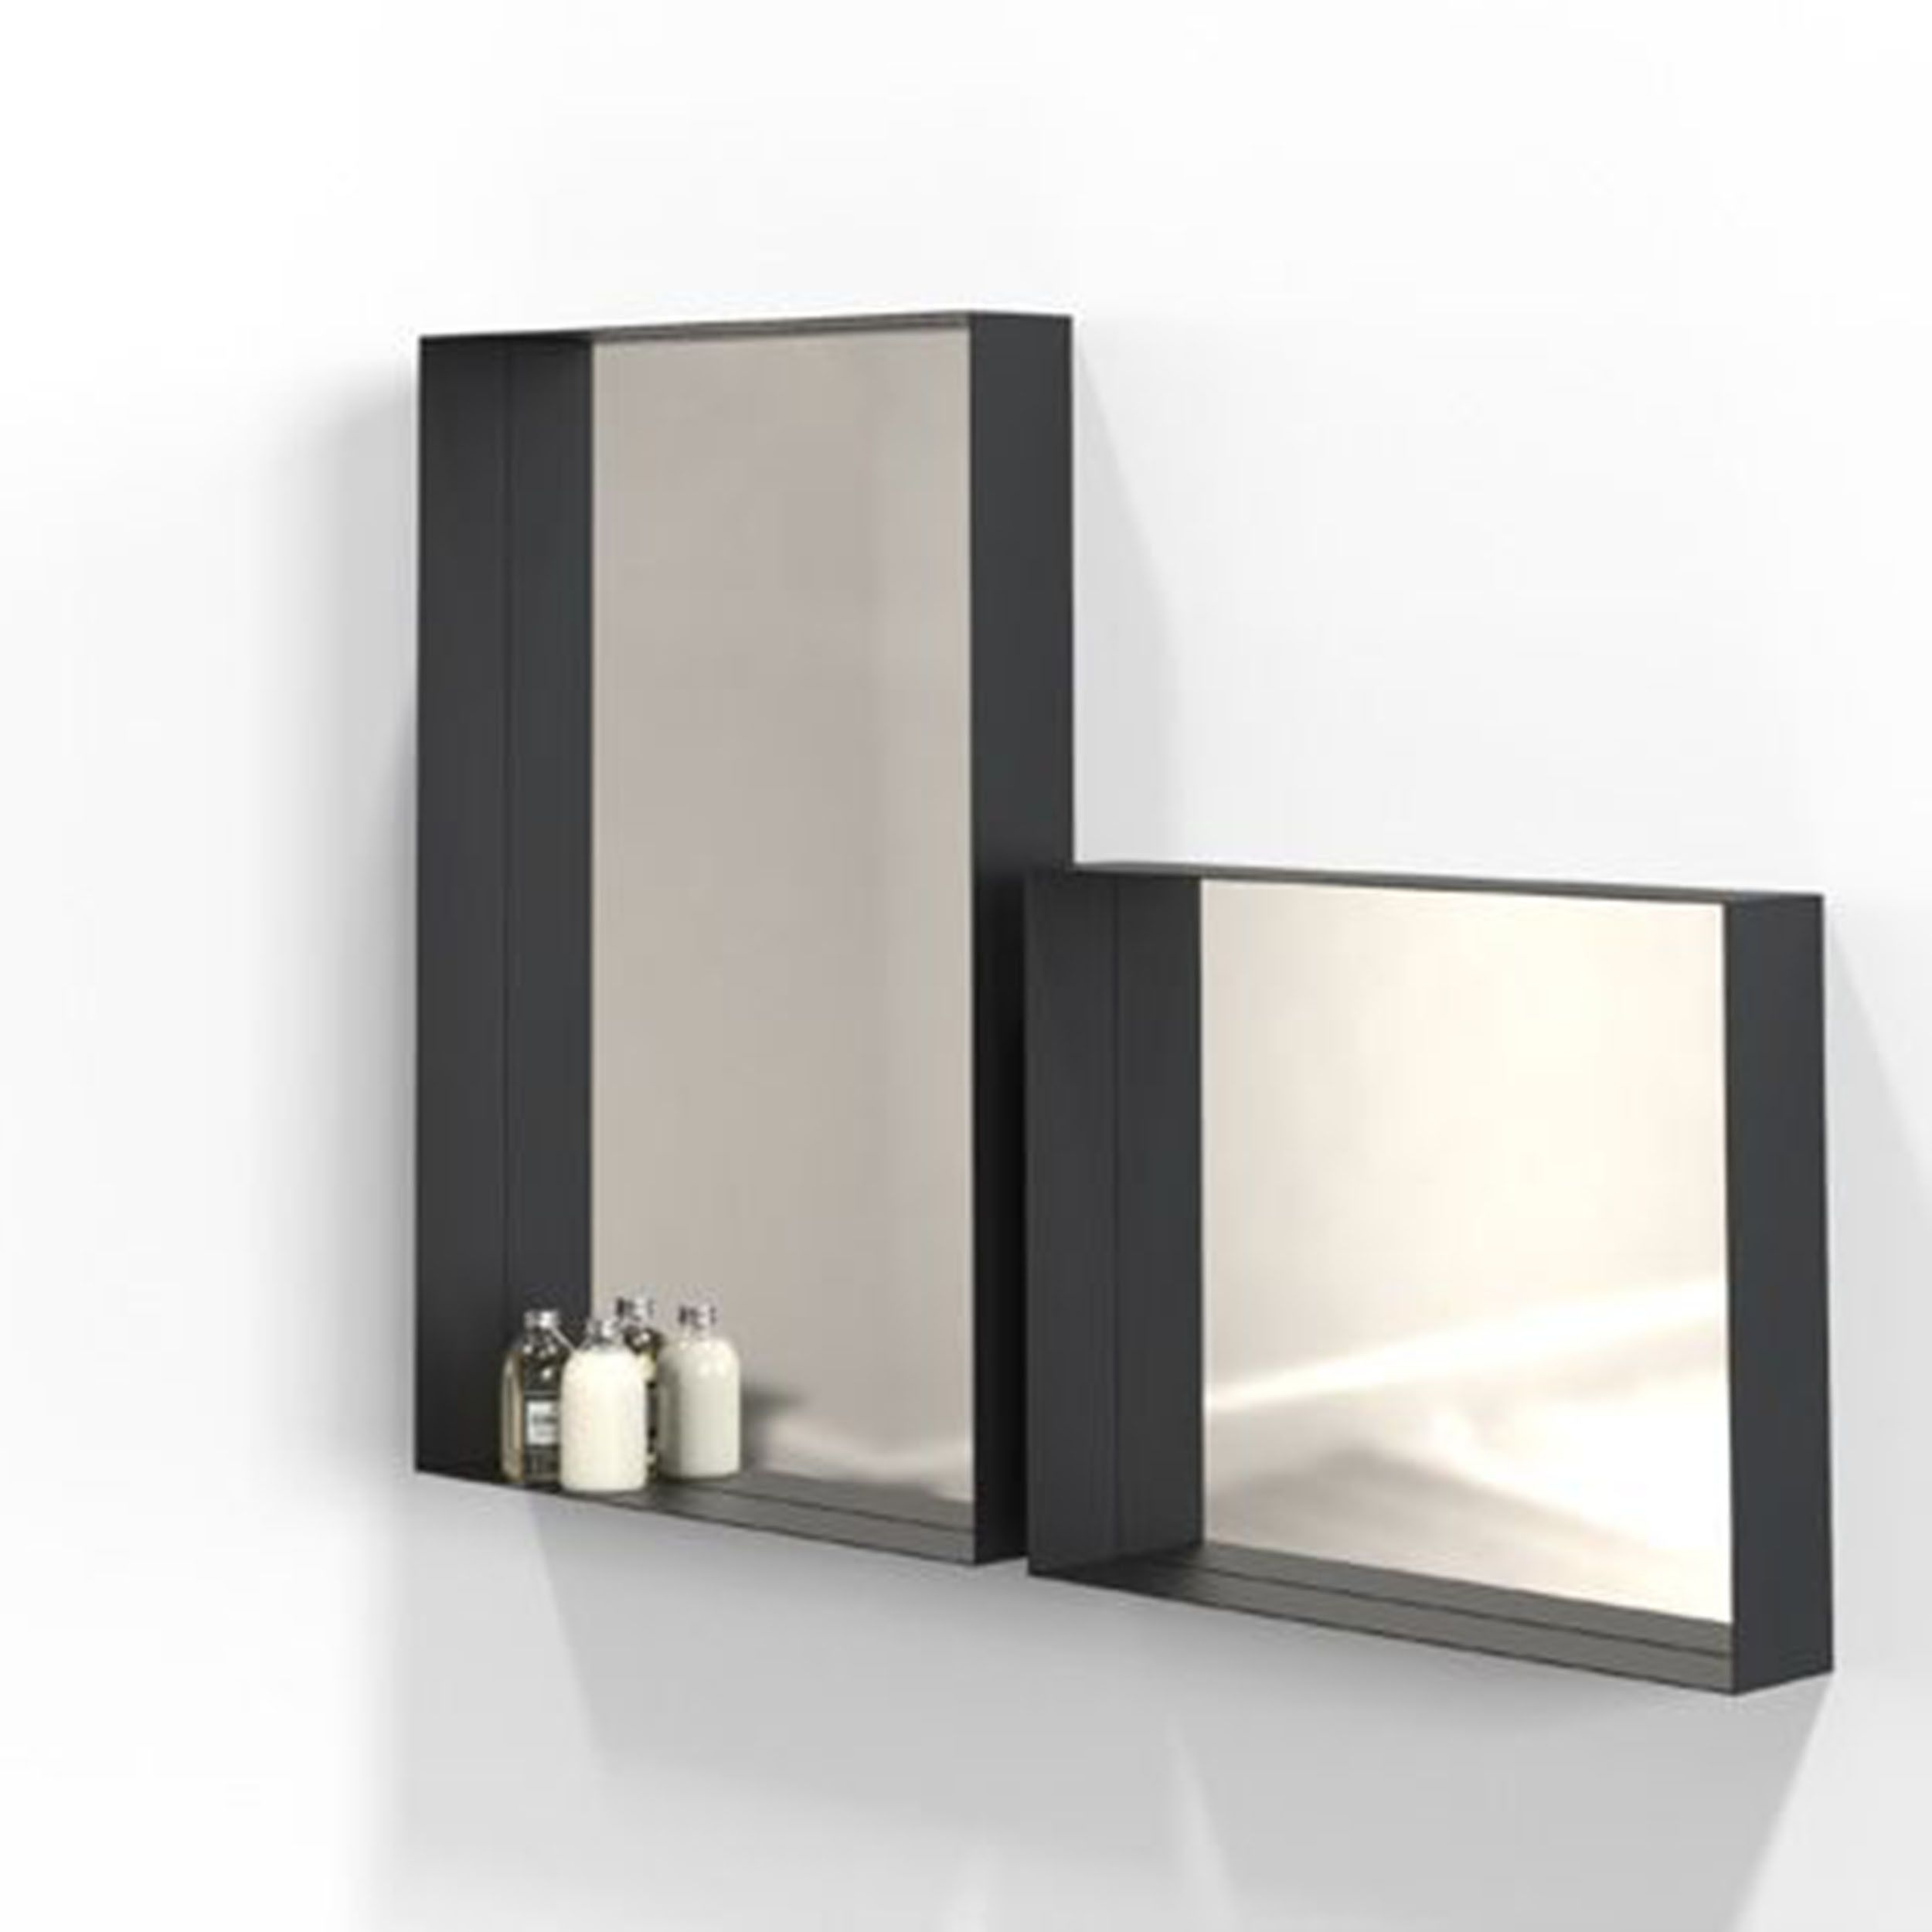 Unu Spiegel Mit Rahmen 50 Schwarz A050419 001 Spiegel Rahmen